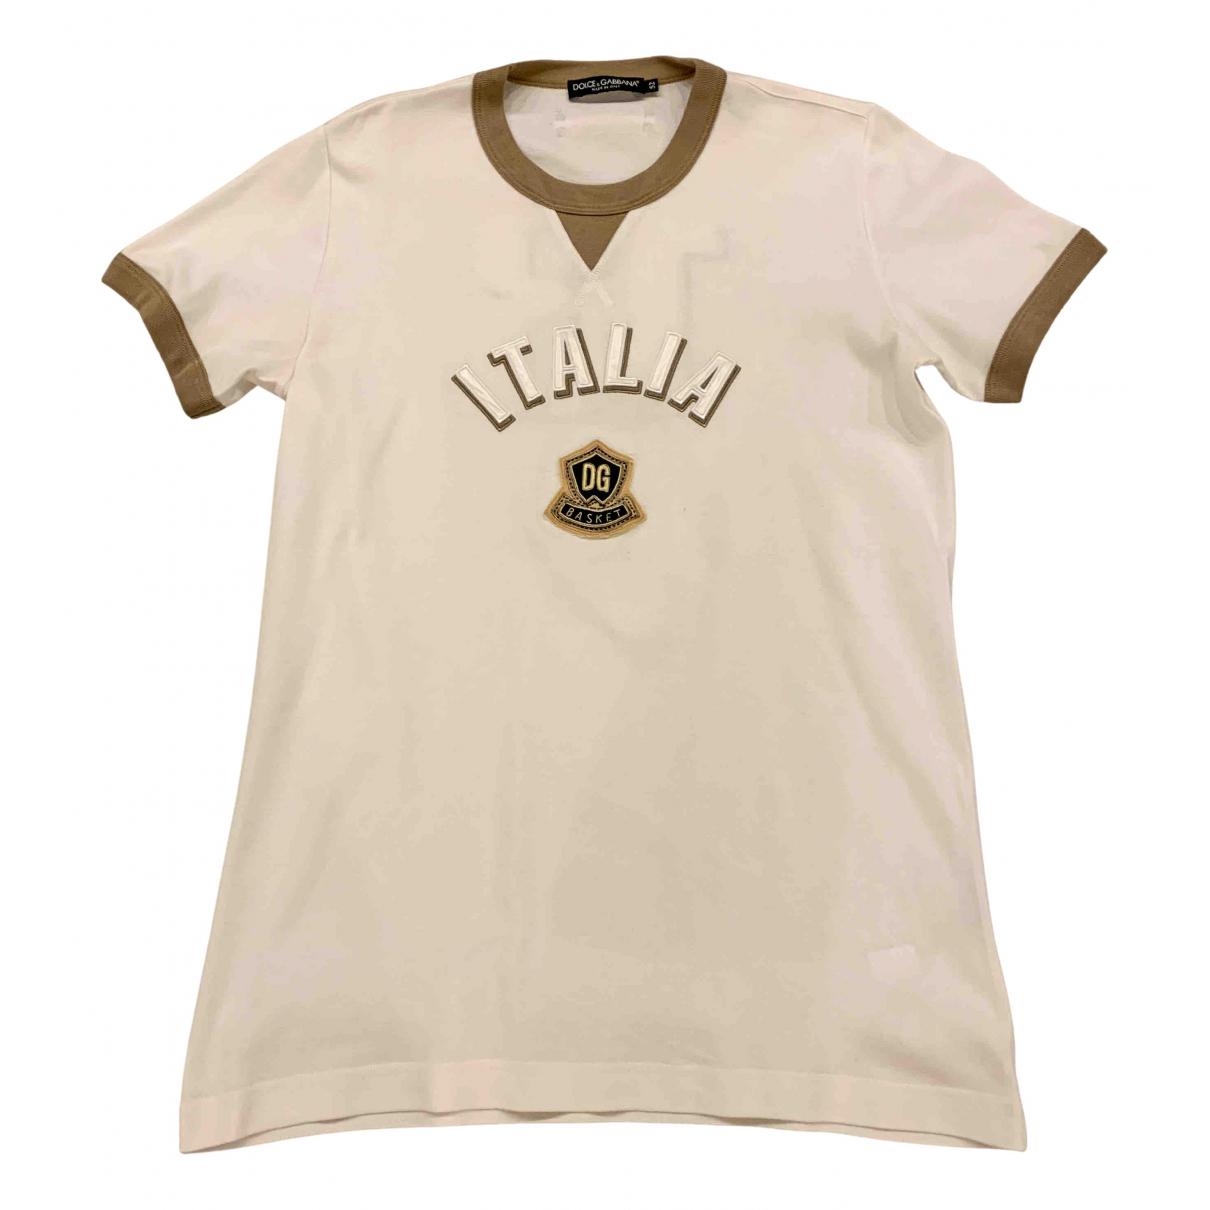 Dolce & Gabbana - Tee shirts   pour homme en coton - beige